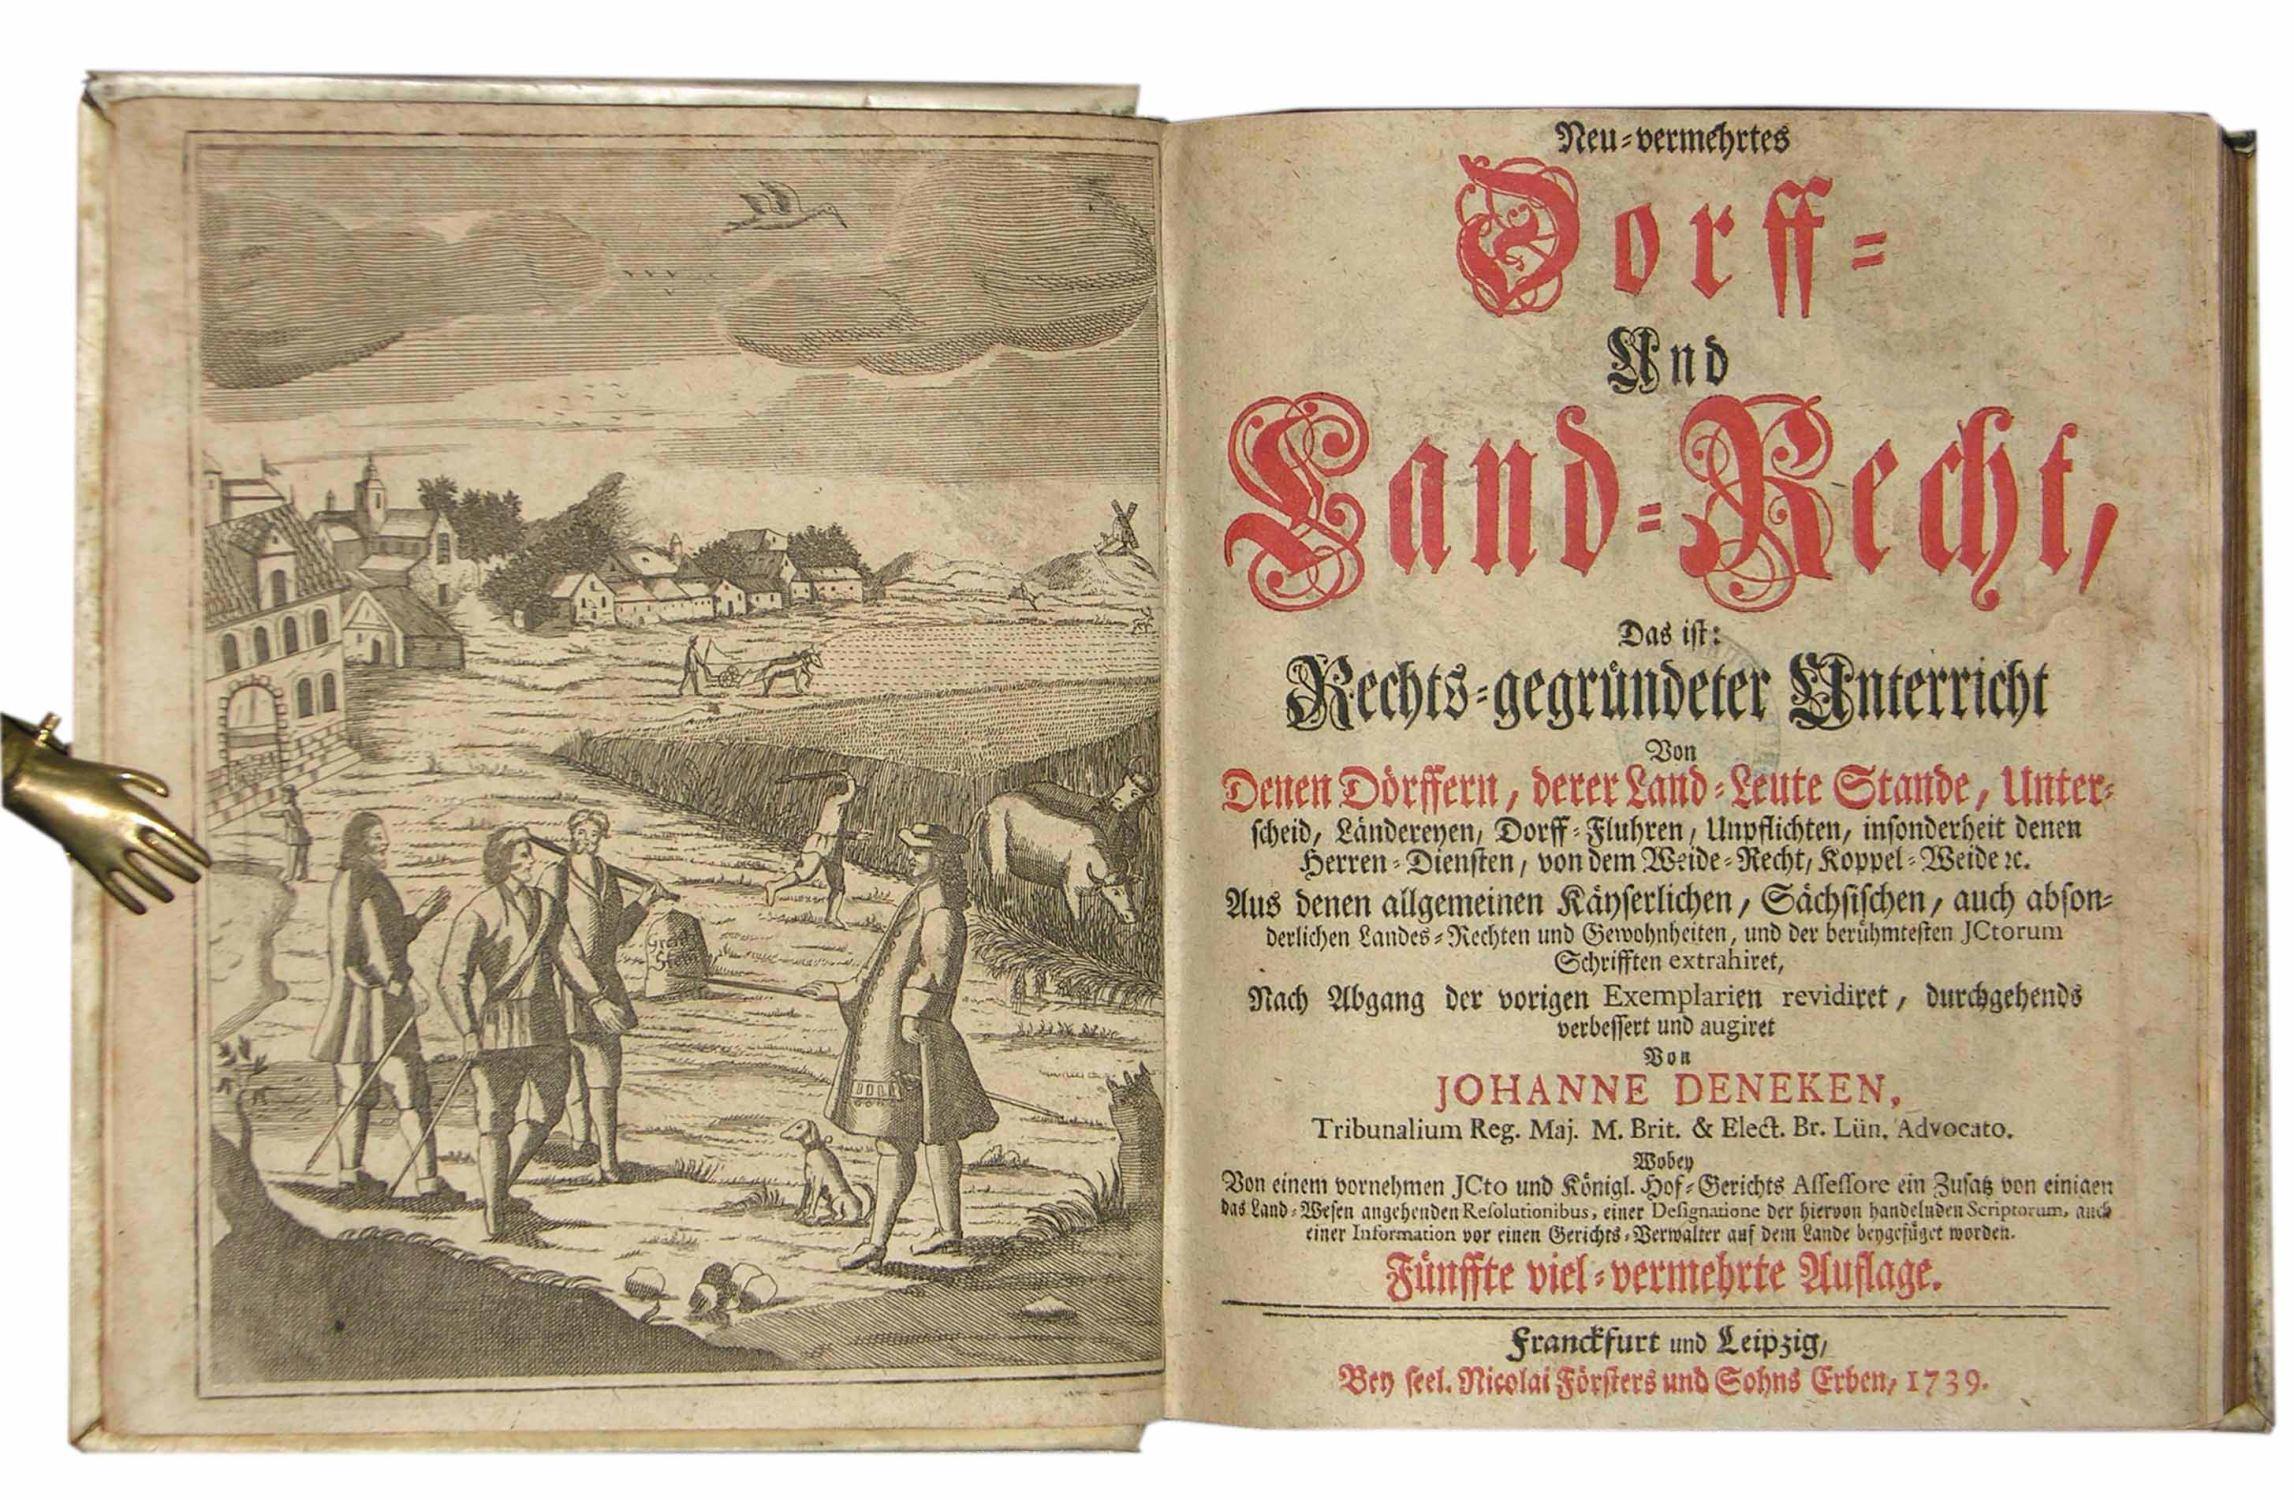 viaLibri ~ Rare Books from 1739 - Page 1